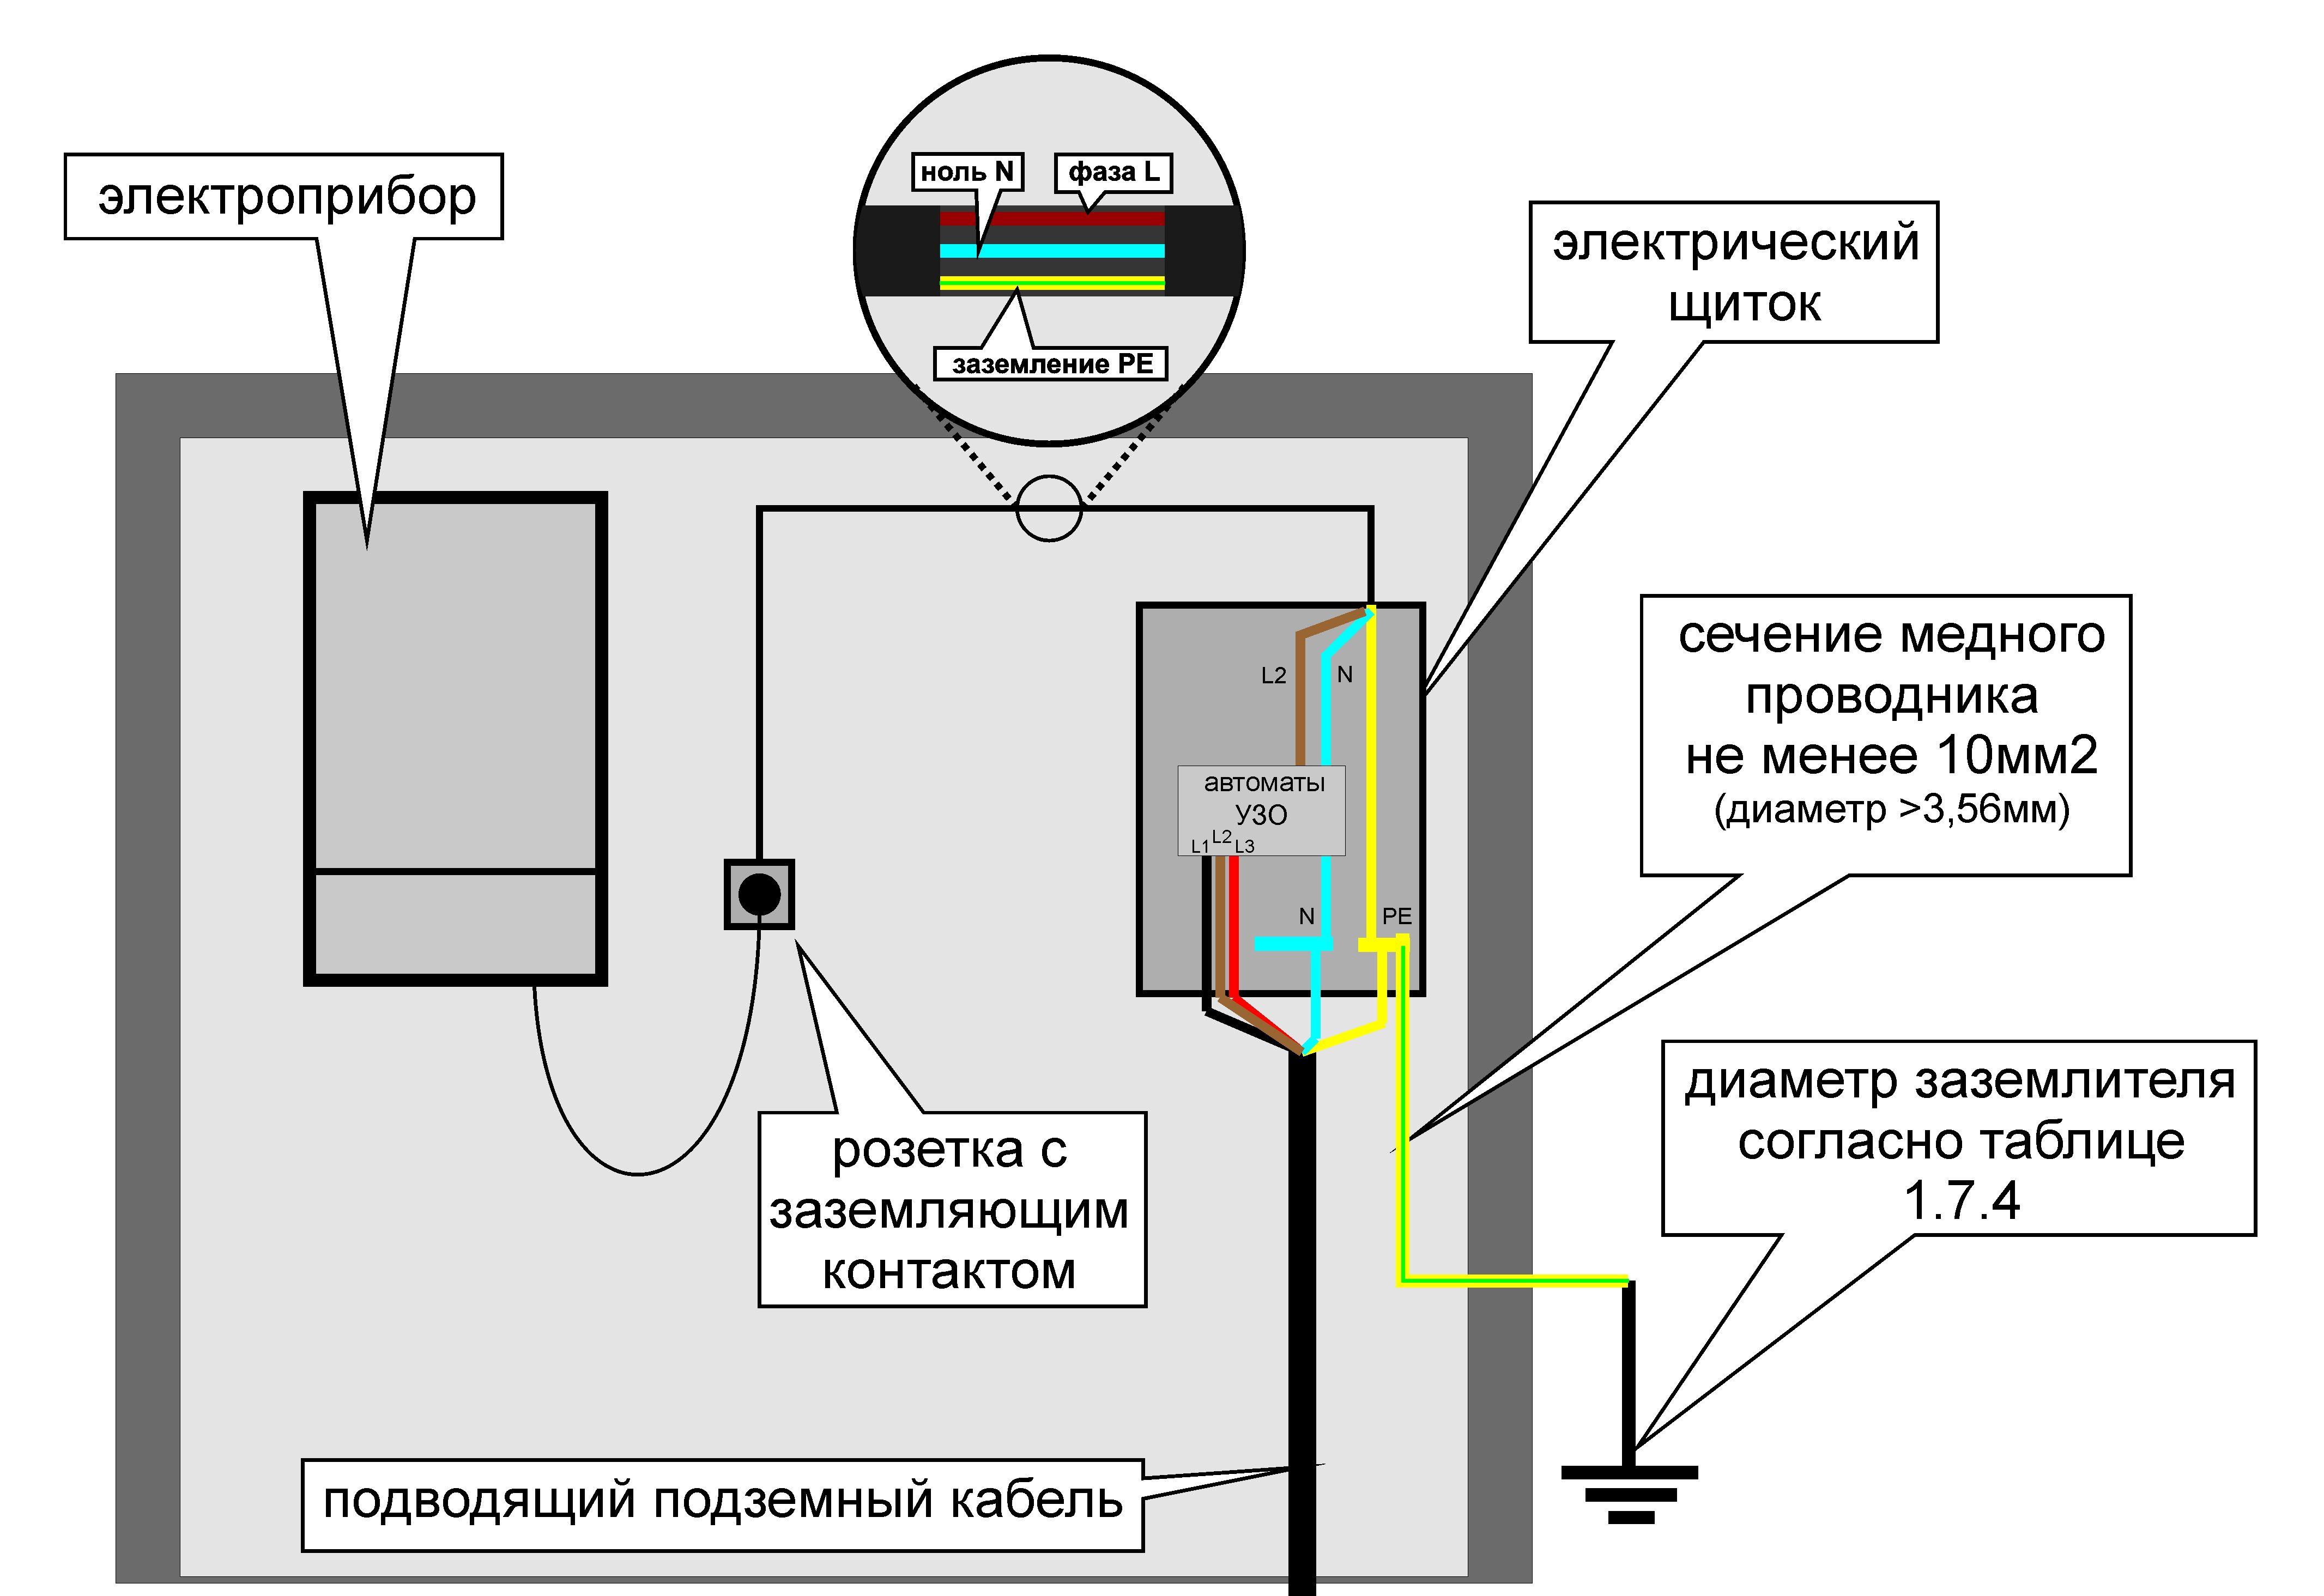 Схема подключения котла к заземлению